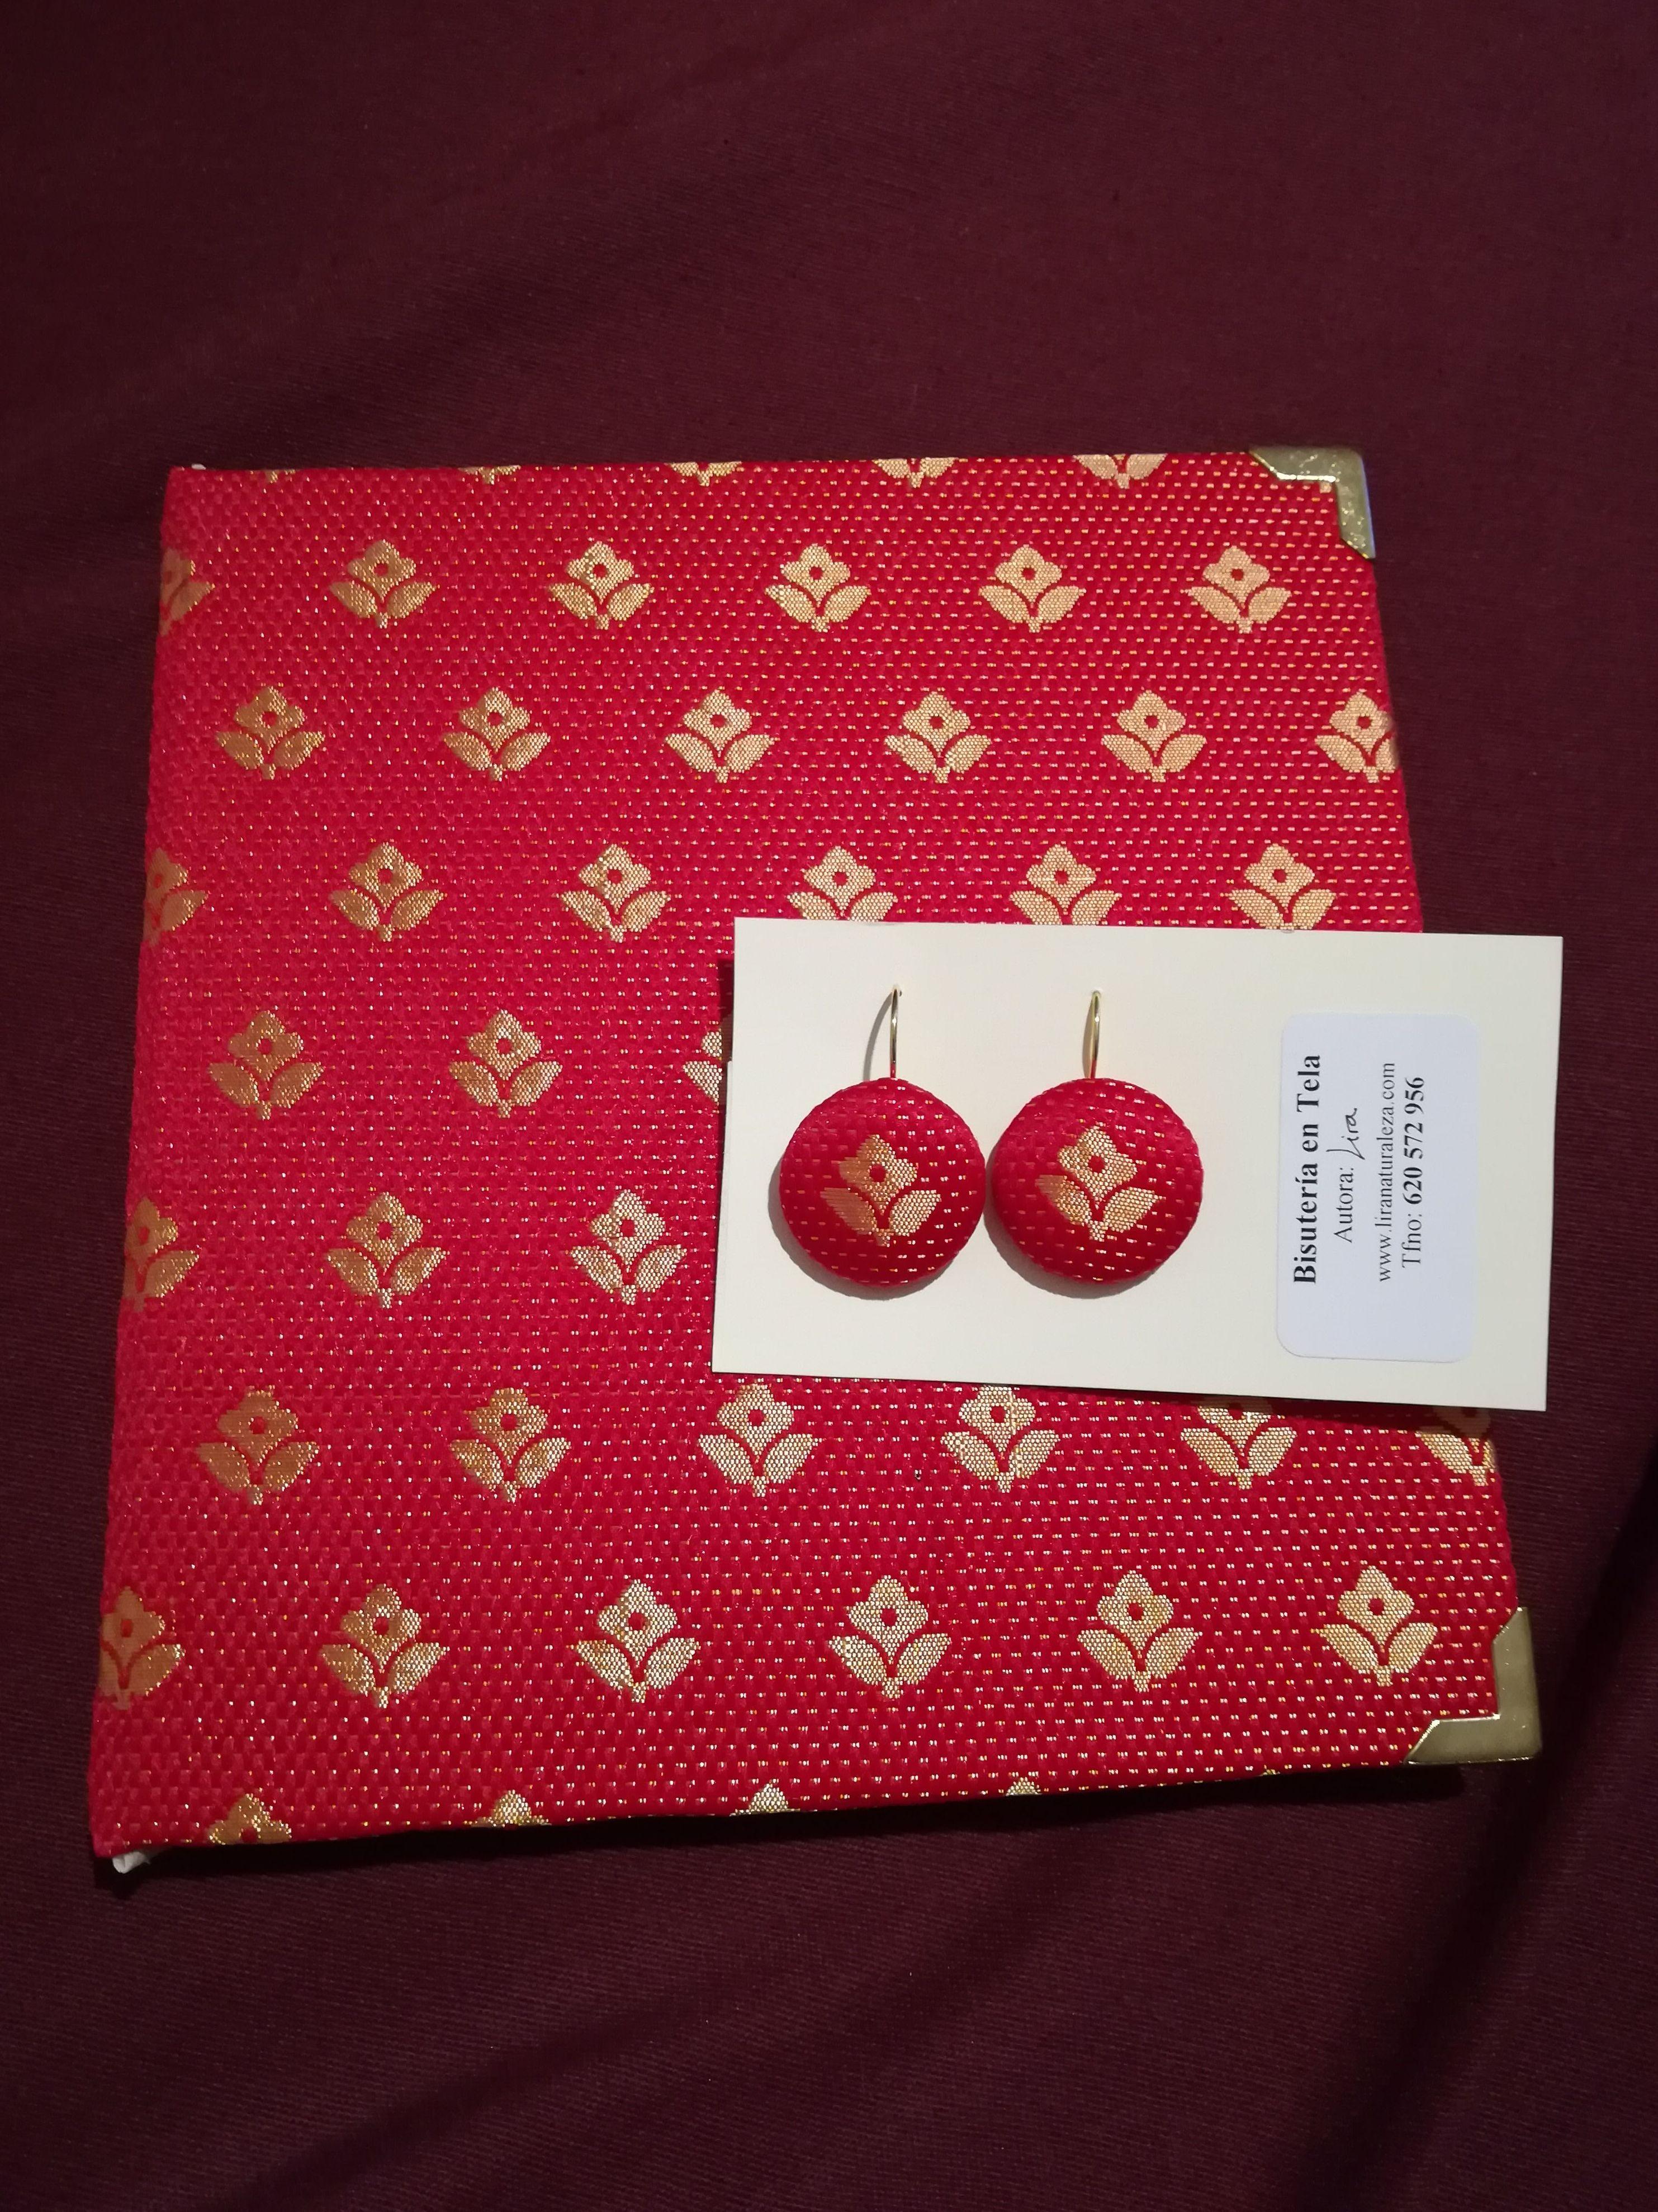 Cuaderno encuadernado en tela de la zona de Tiruvannamalai (India), y pendientes a juego con la misma tela de brocado.